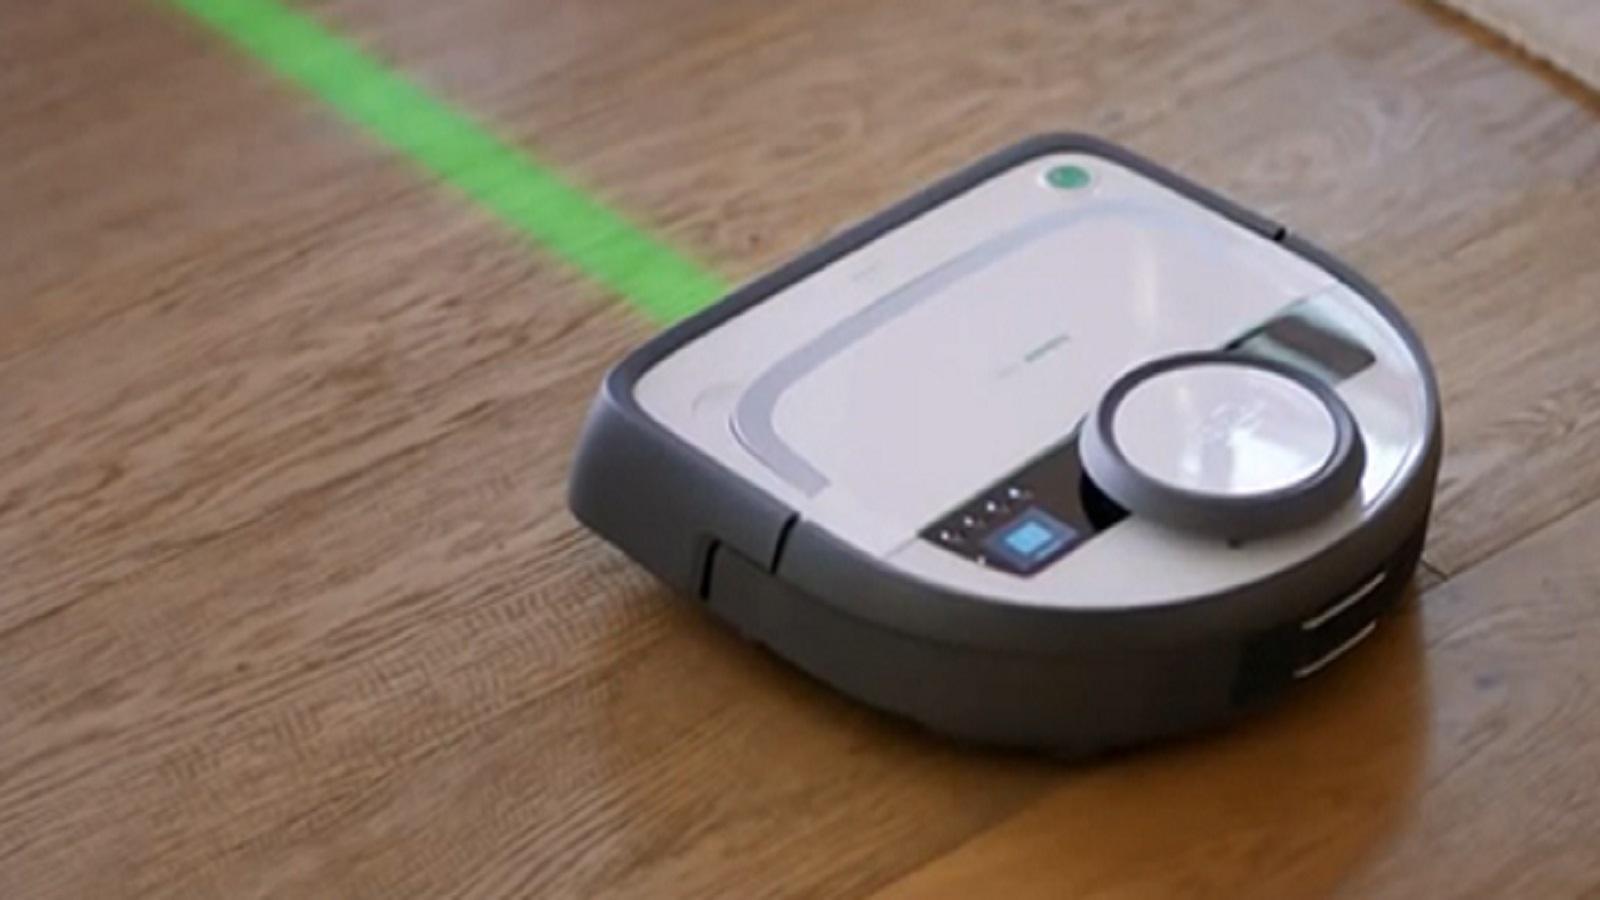 Aspirapolvere Robot Miglior Prezzo.Folletto Robot Aspirapolvere Prestazioni Discrete Ma A Caro